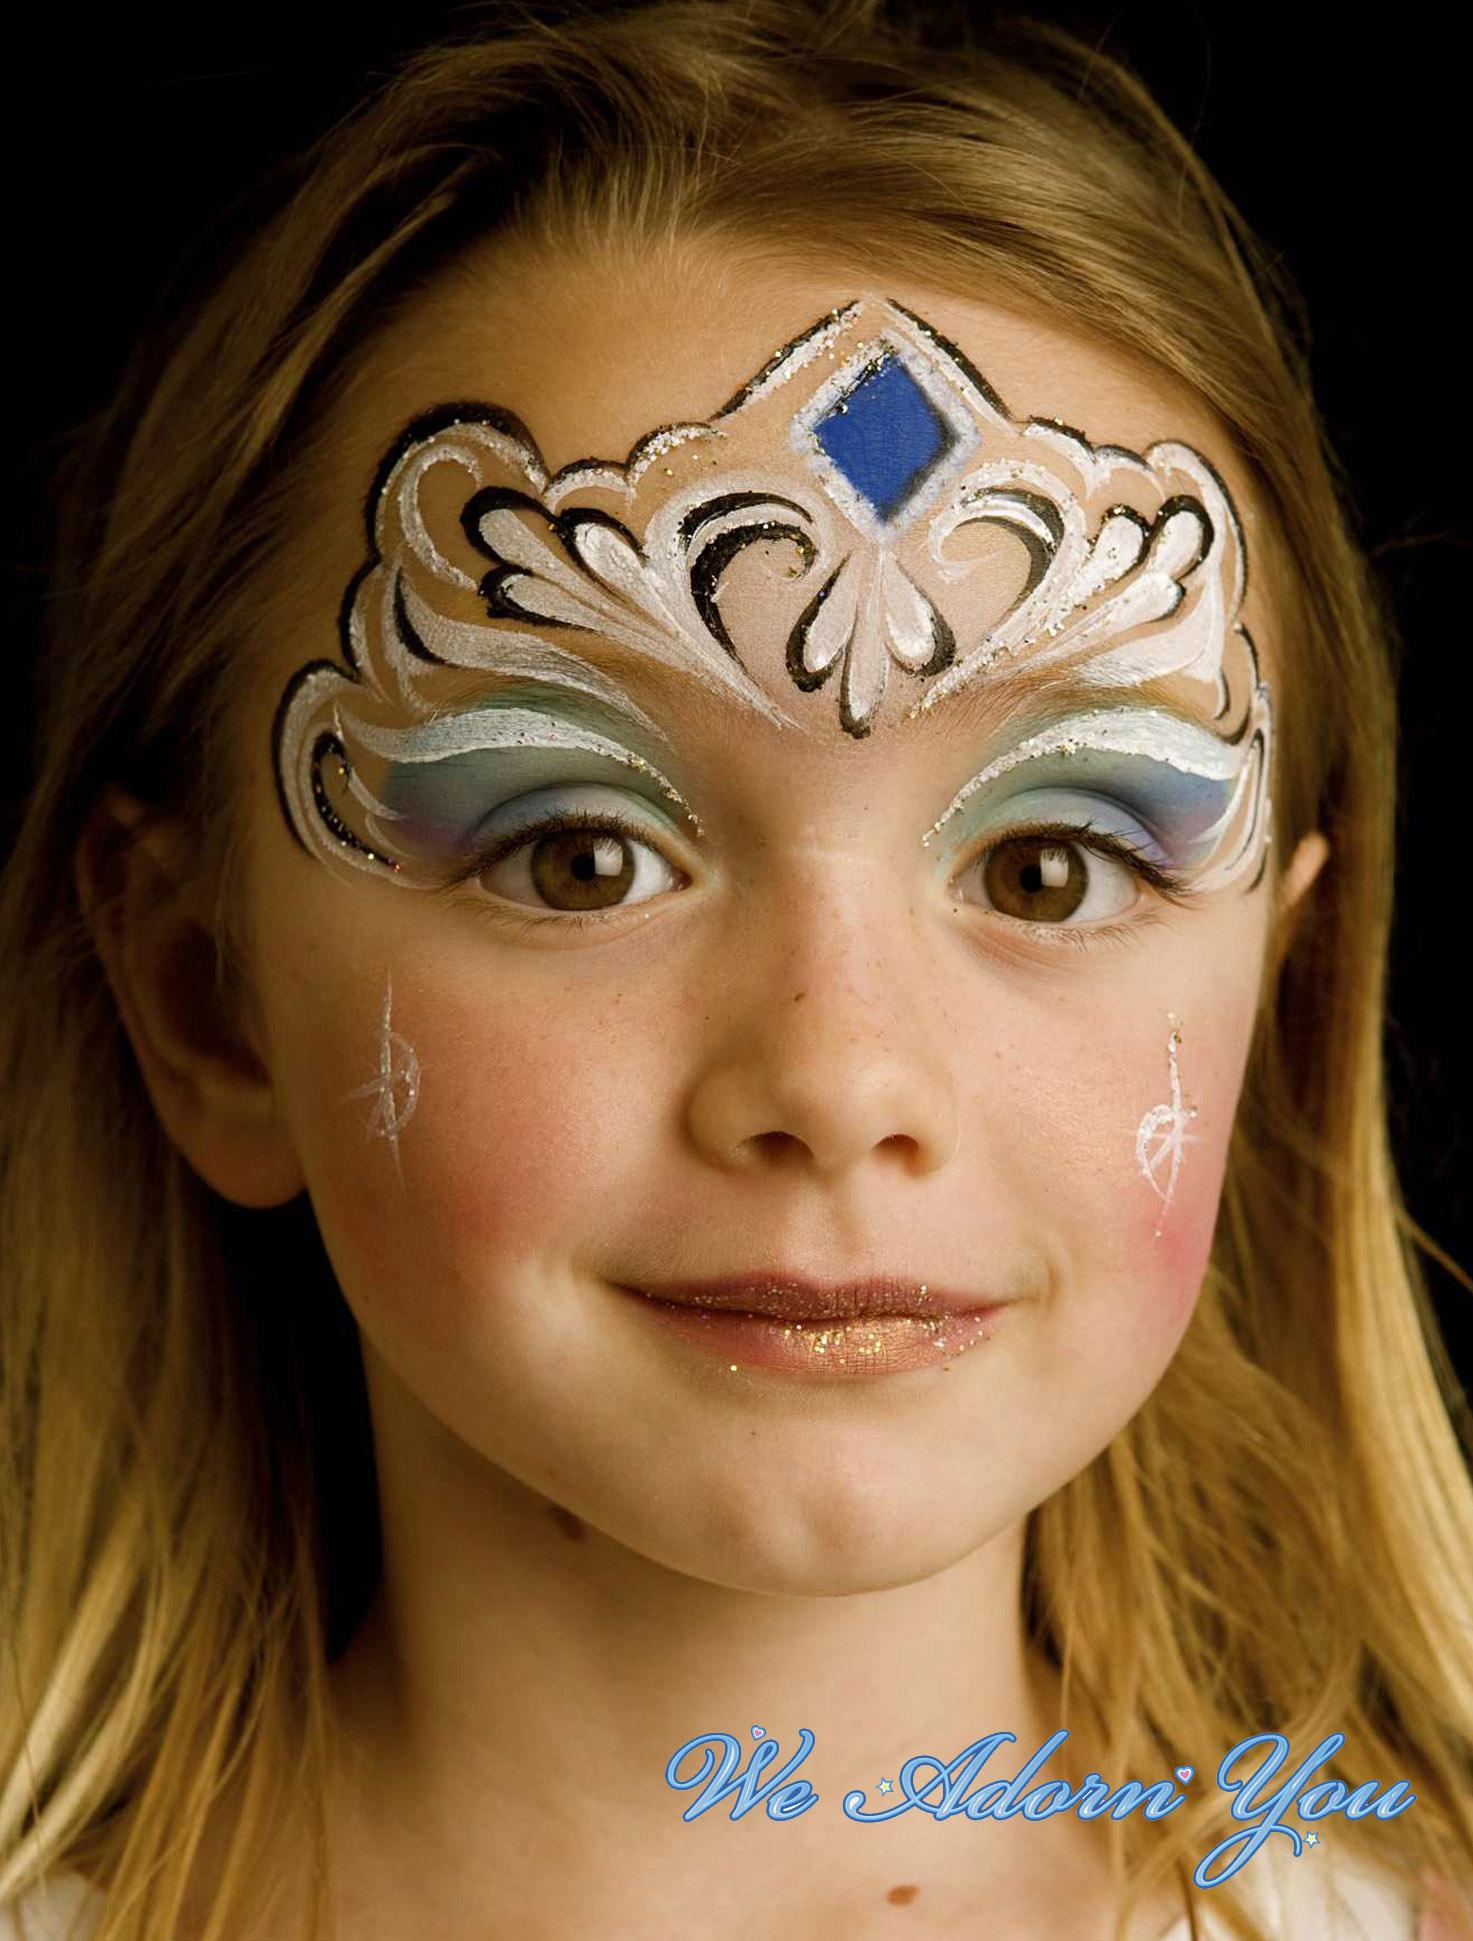 Face Painting Princess- We Adorn You.jpg